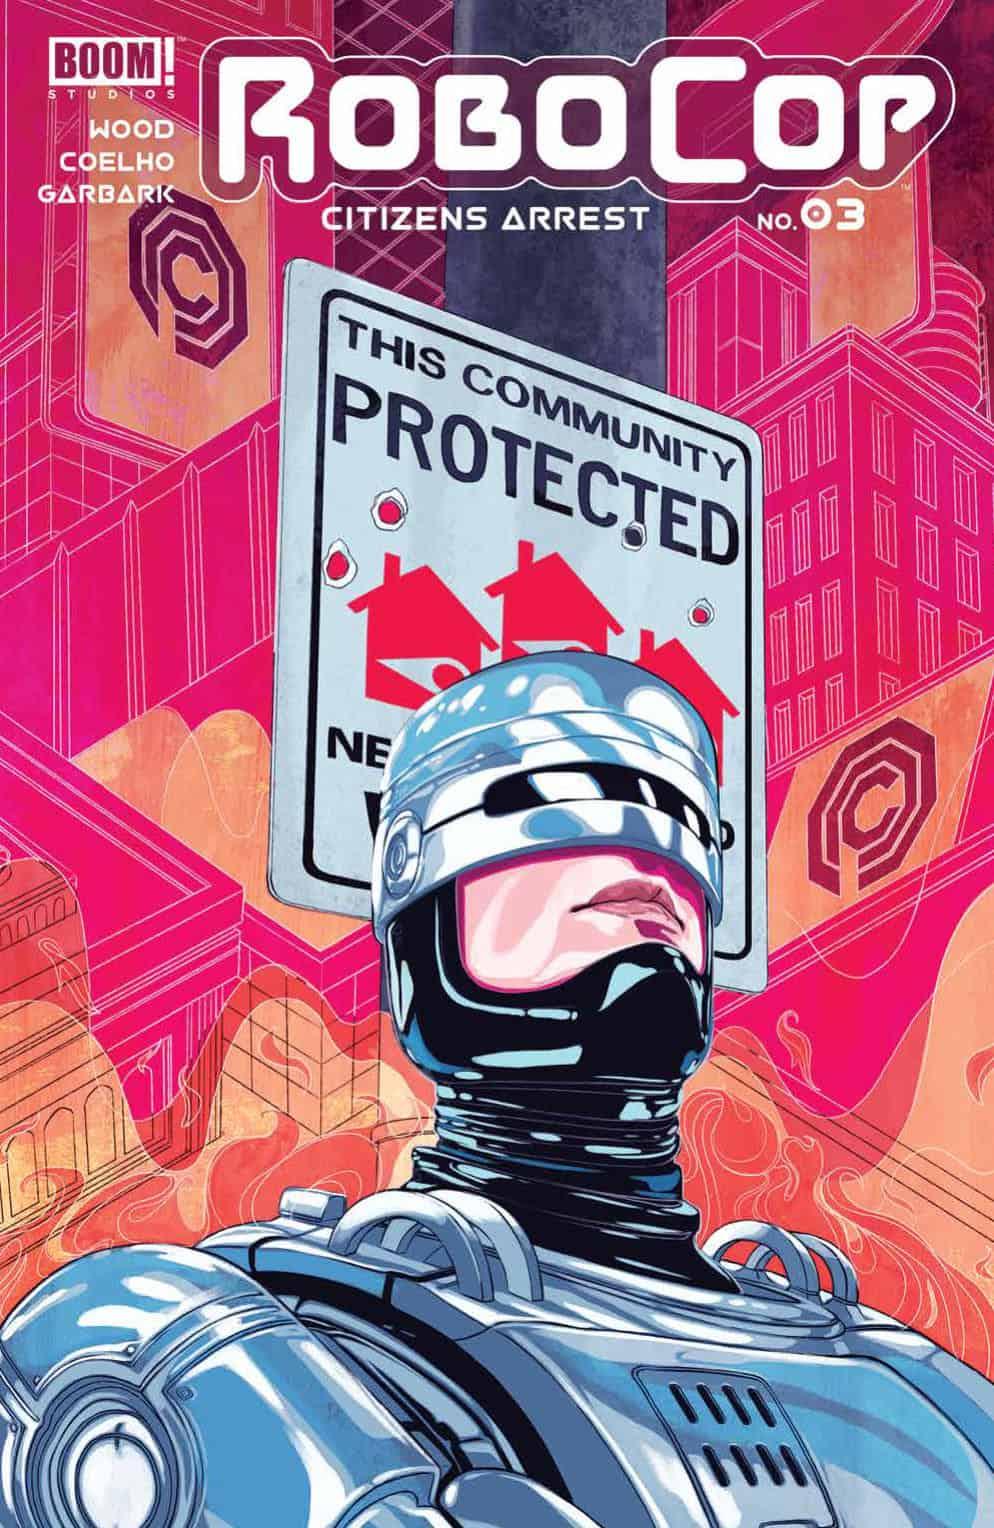 Robocop: Citizens Arrest #3